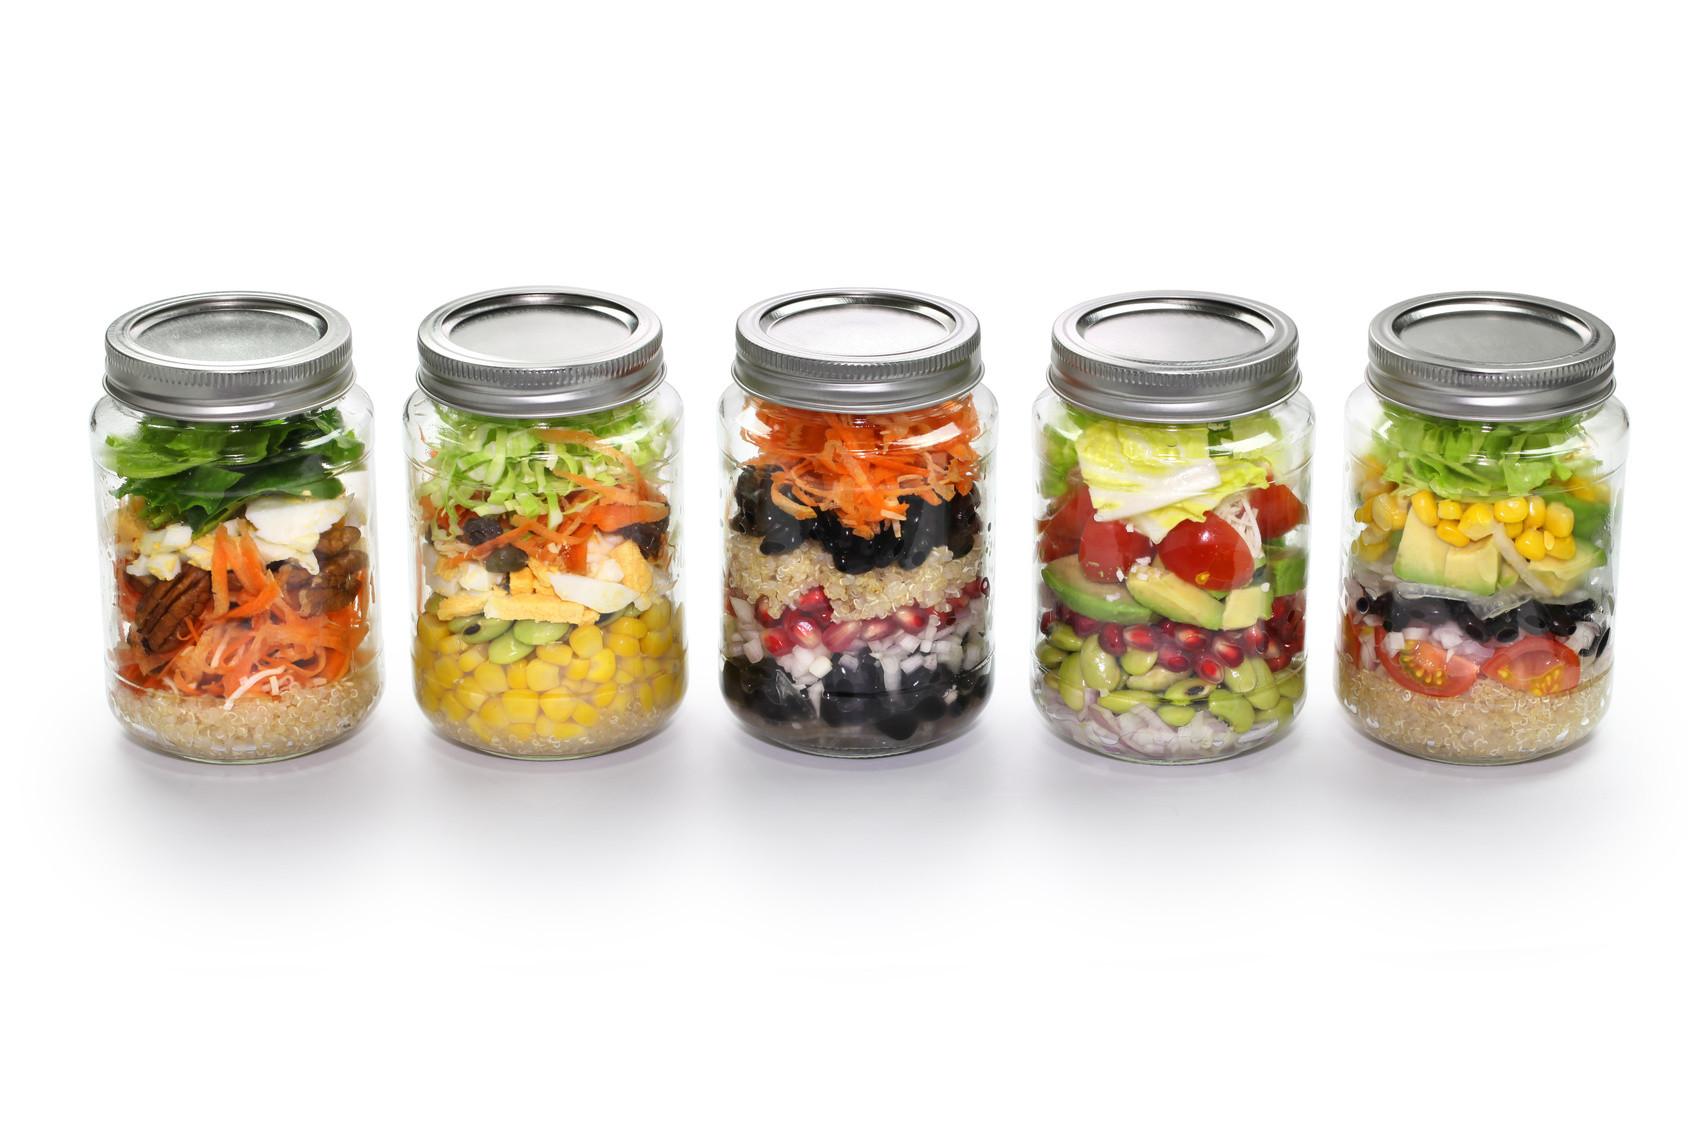 Healthy Mason Jar Lunches  Healthy Mason Jar Recipe